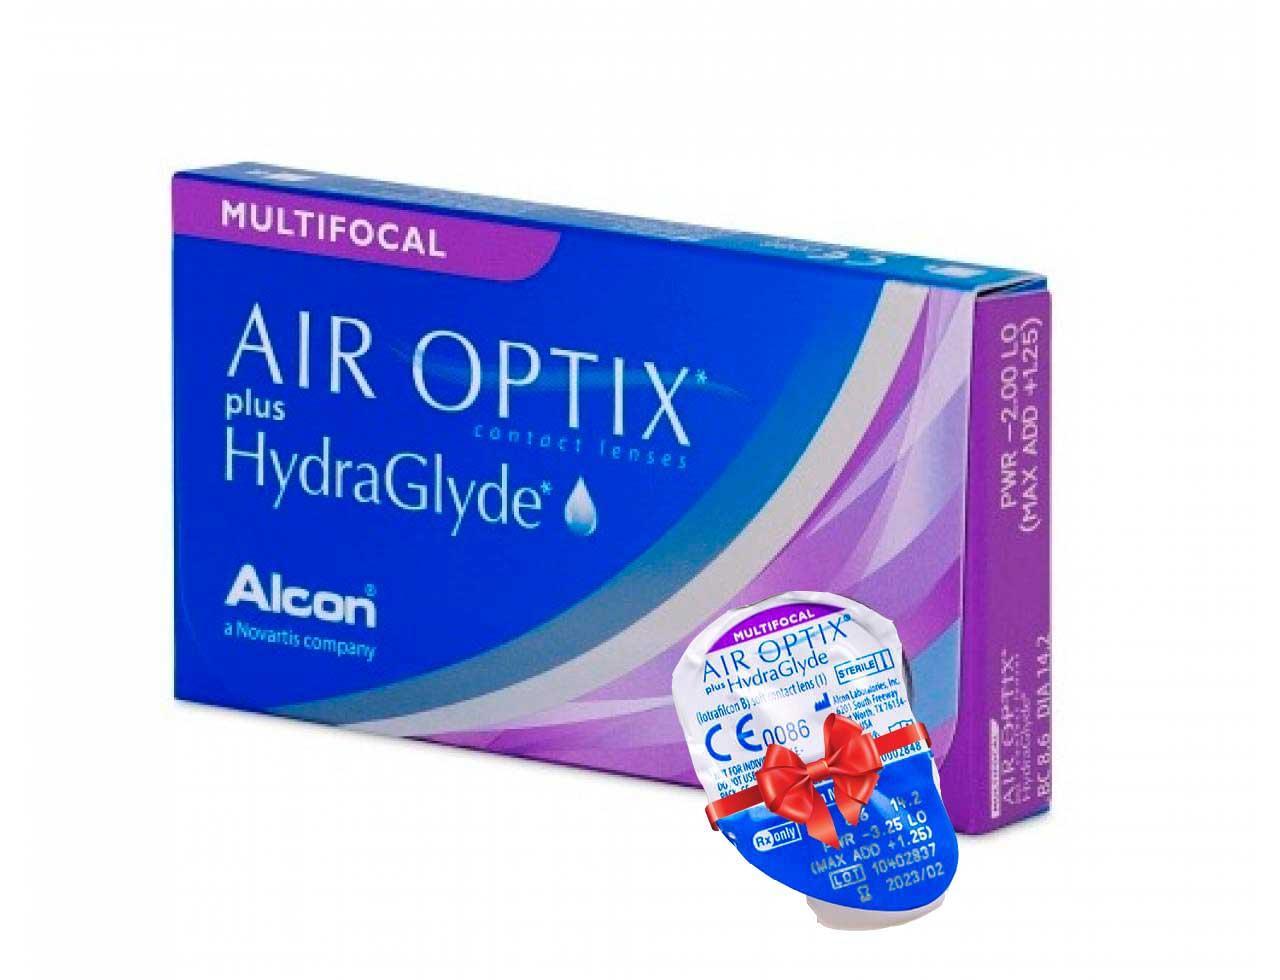 Мультифокальные контактные линзы Alcon Air Optix plus HydraGlyde Multifocal - Фото №7